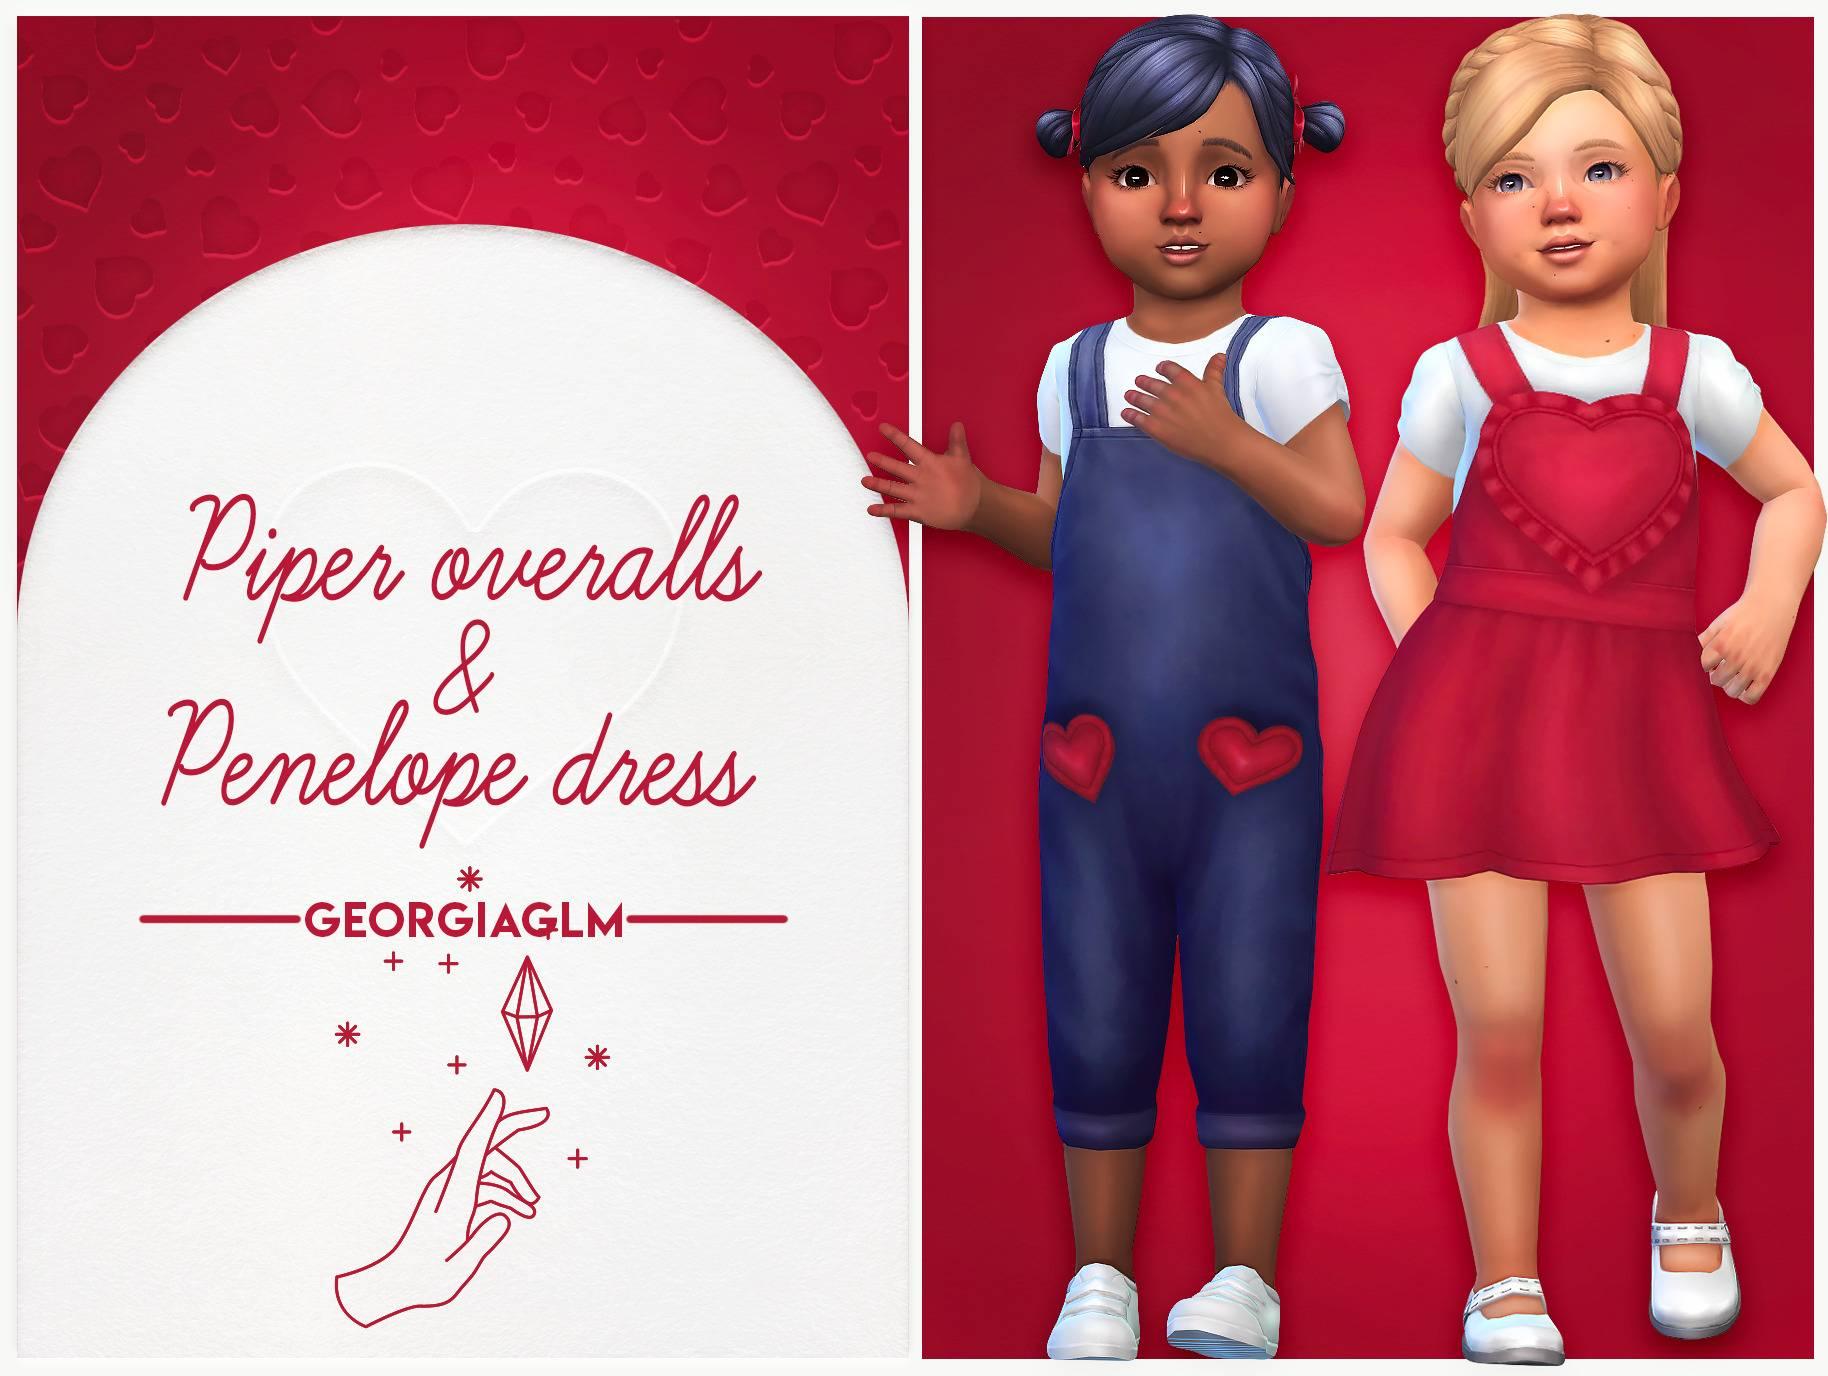 Набор одежды для тоддлеров - Piper overalls & Penelope dress